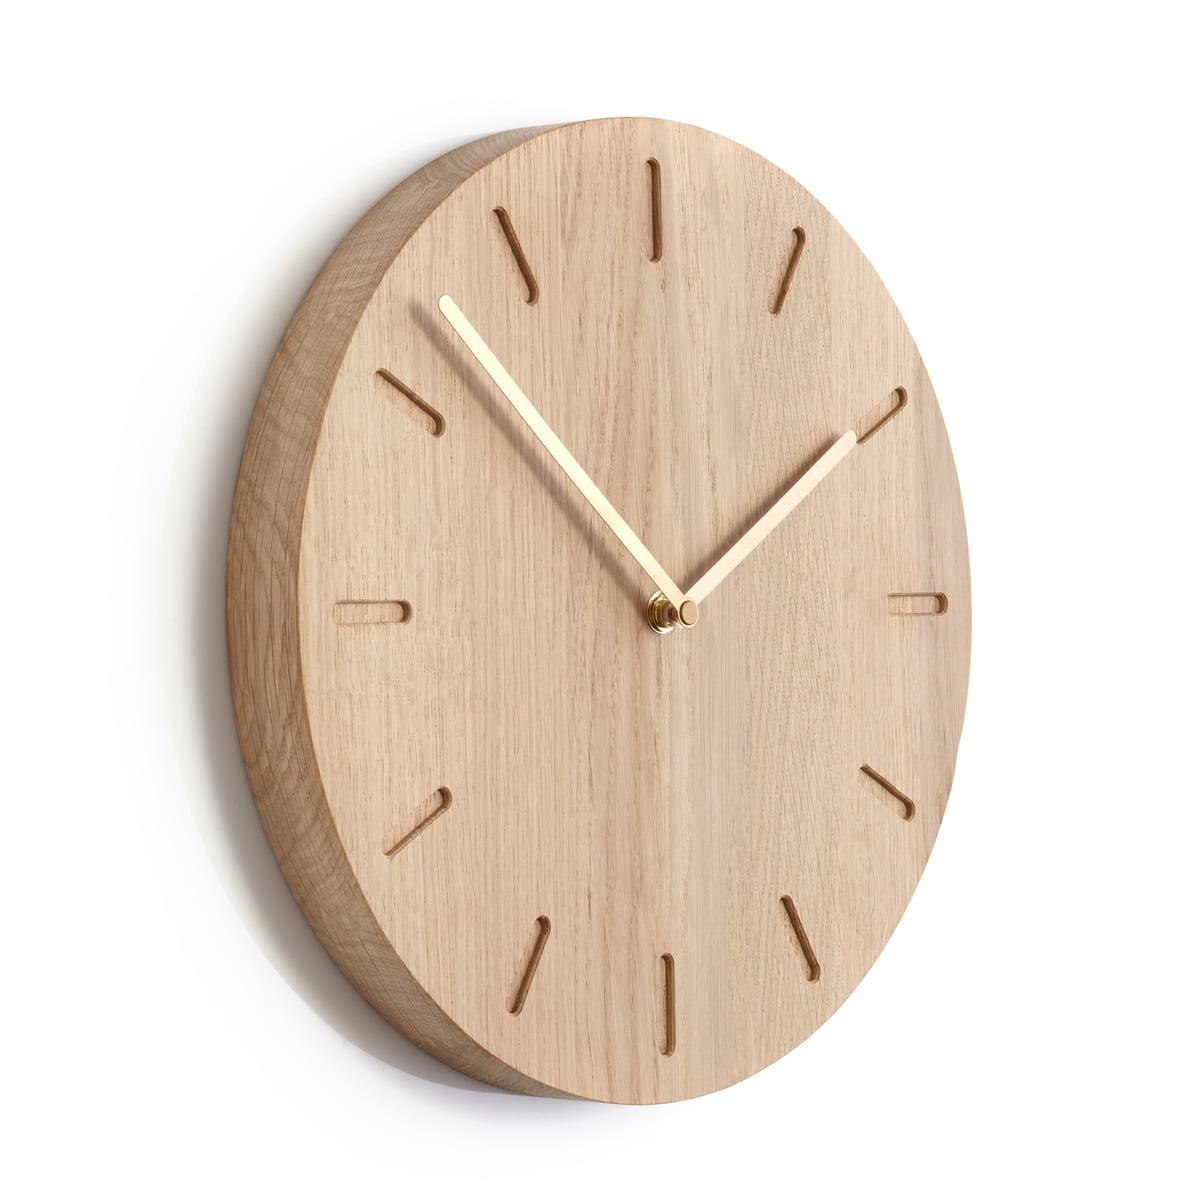 Applicata watch out horloge murale ch ne for Jolie horloge murale